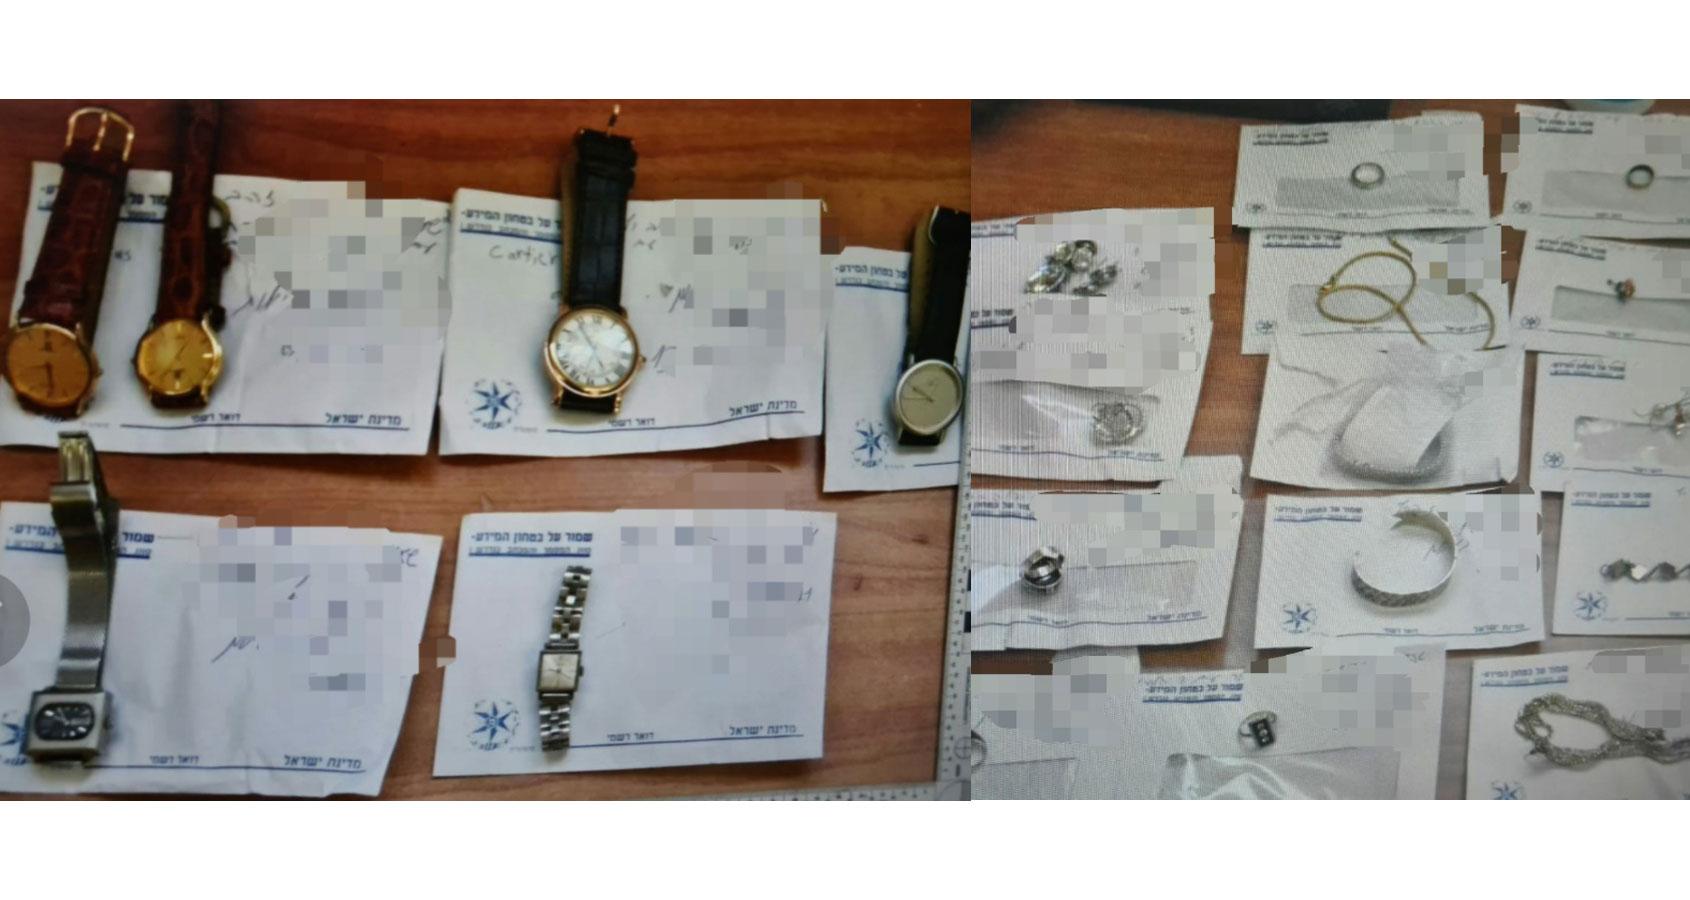 תכשיטים גנובים בהרצליה - נתפסו על ידי המשטרה